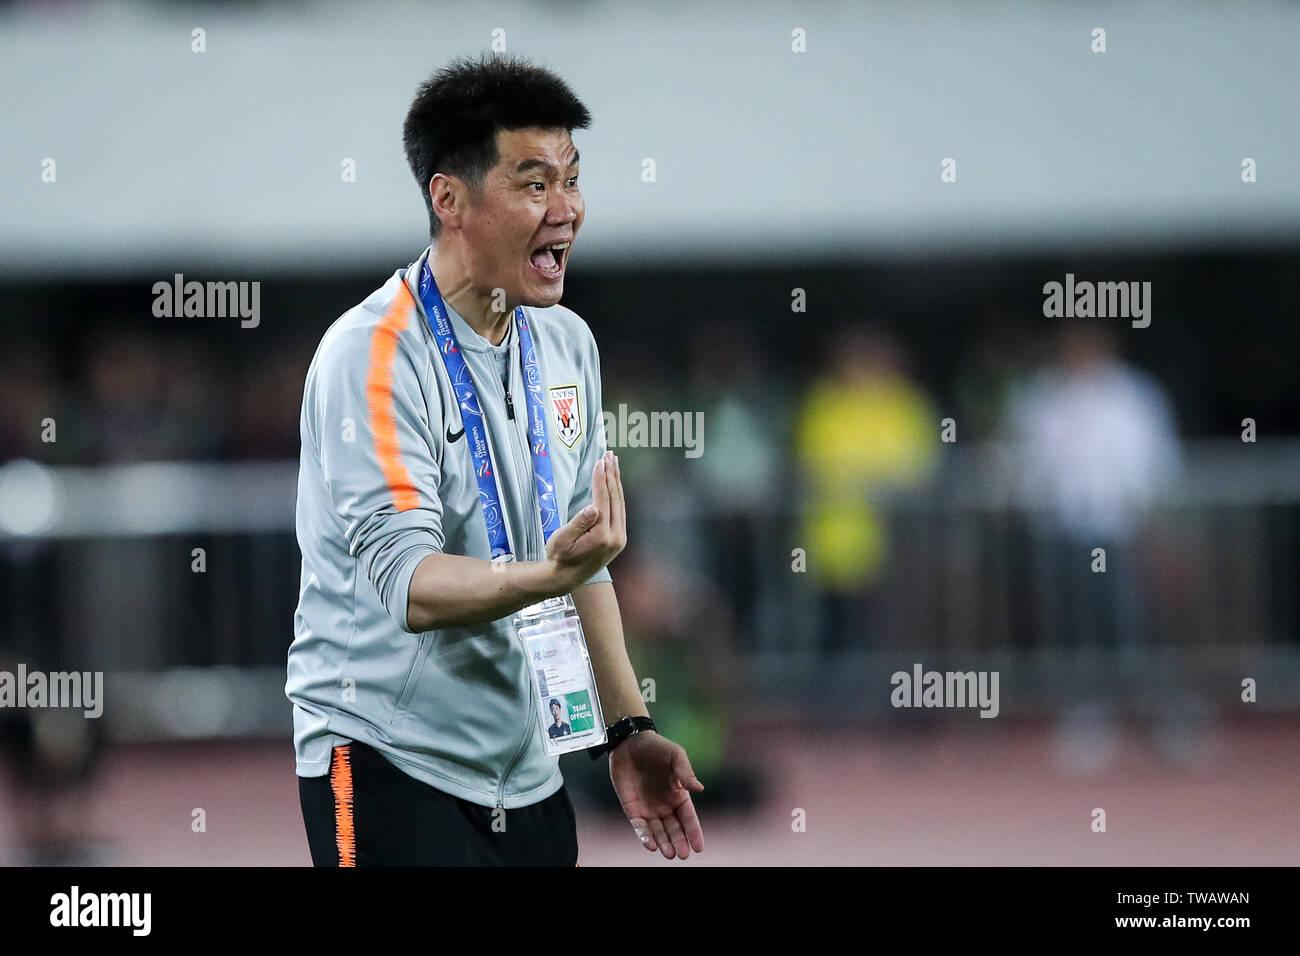 FEI Chang WAN Mei incontri Show concorrenti